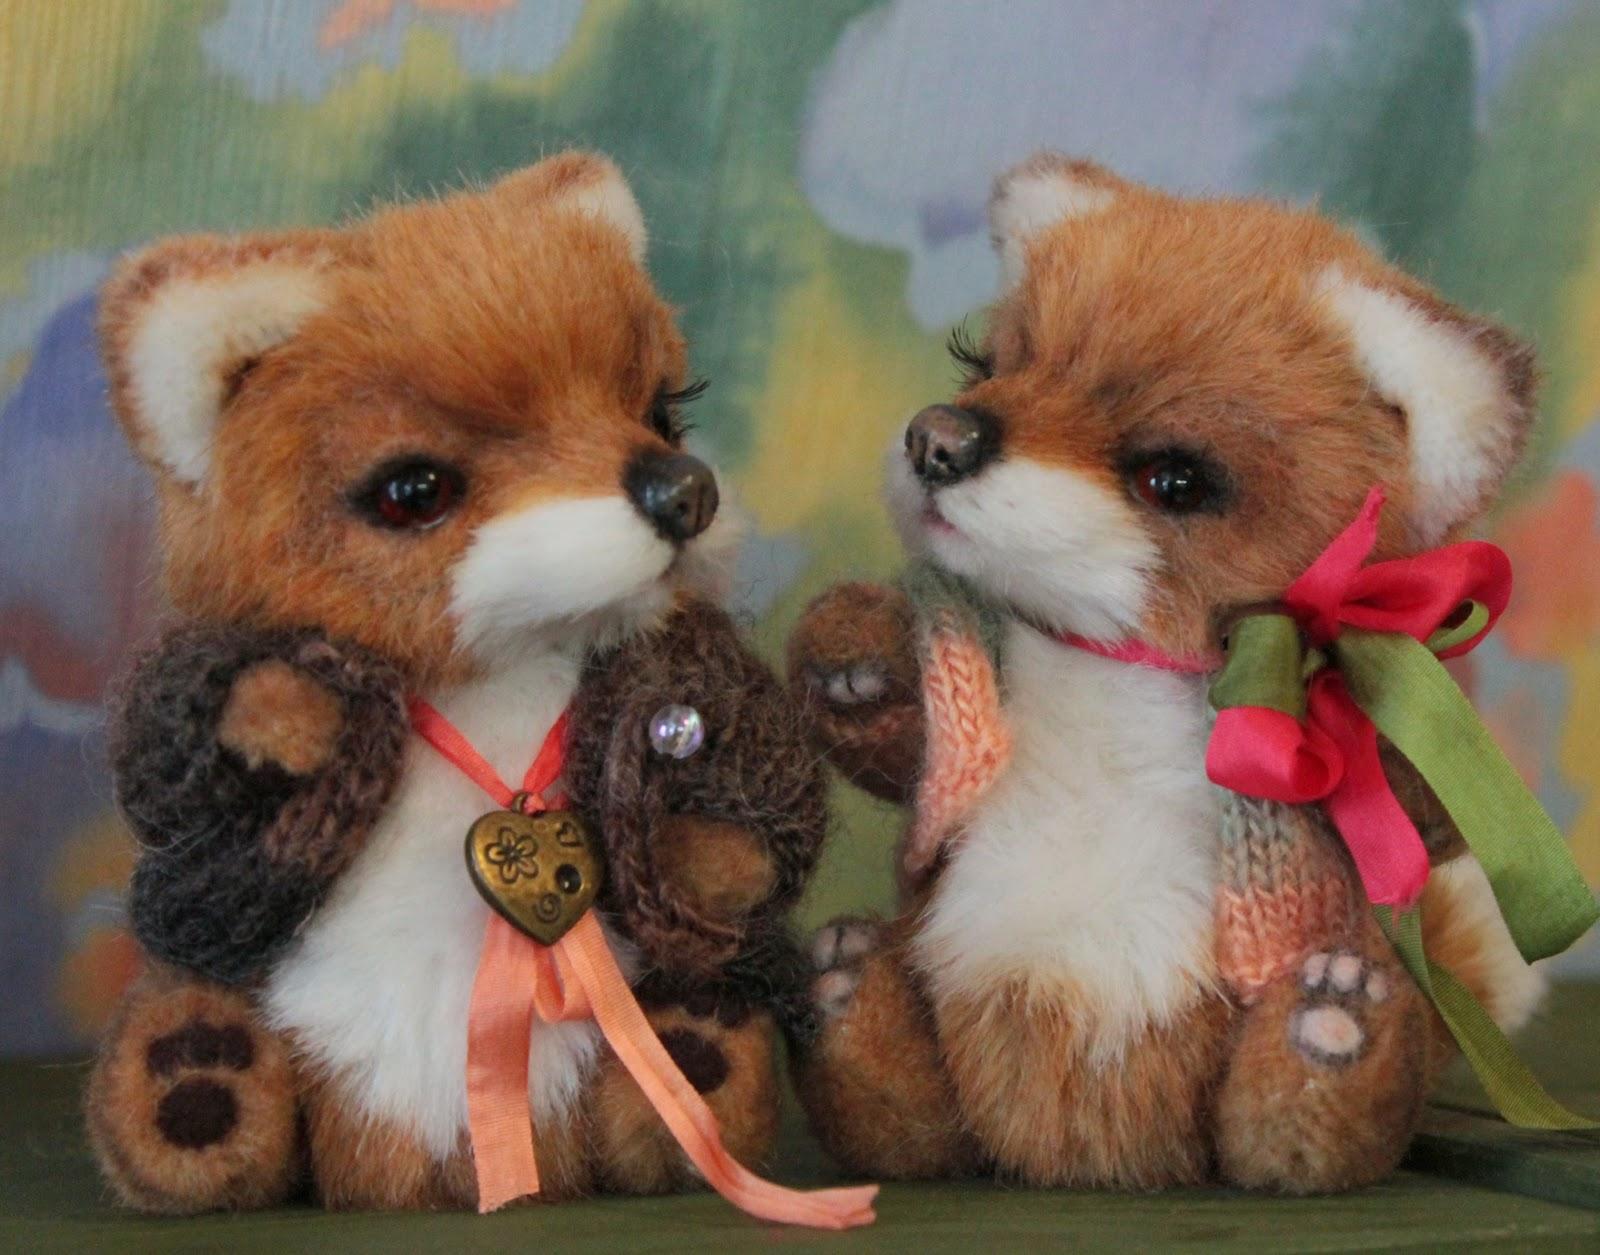 обучение в Новосибирске, курсы по мишкам Тедди, мишки Тедди, лисы, лисенок, лис